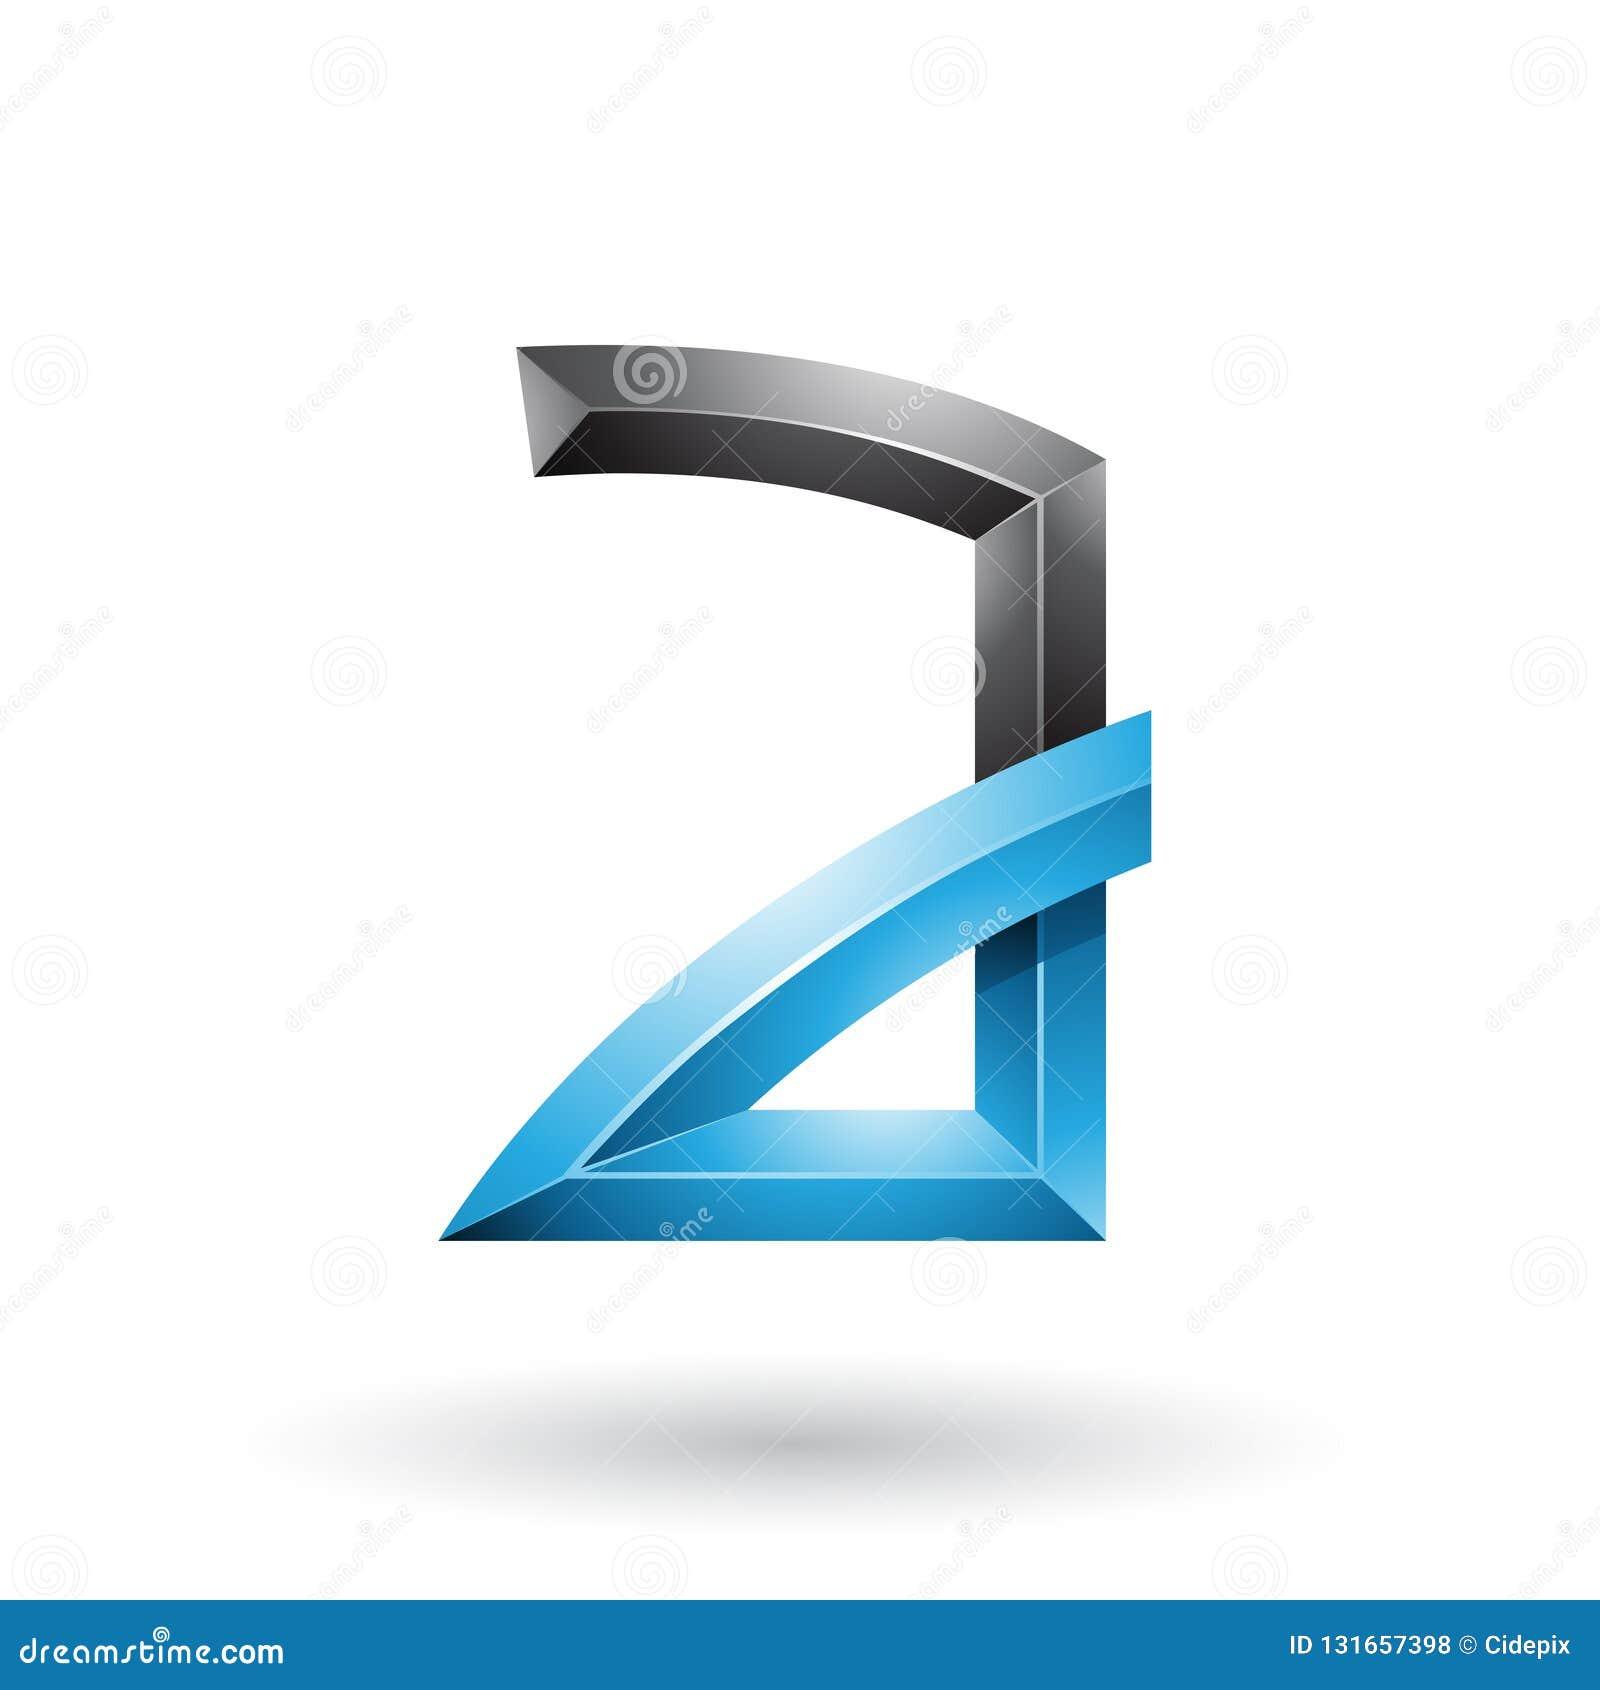 Blauer und schwarzer prägeartiger Buchstabe A mit den verbogenen Gelenken lokalisiert auf einem weißen Hintergrund